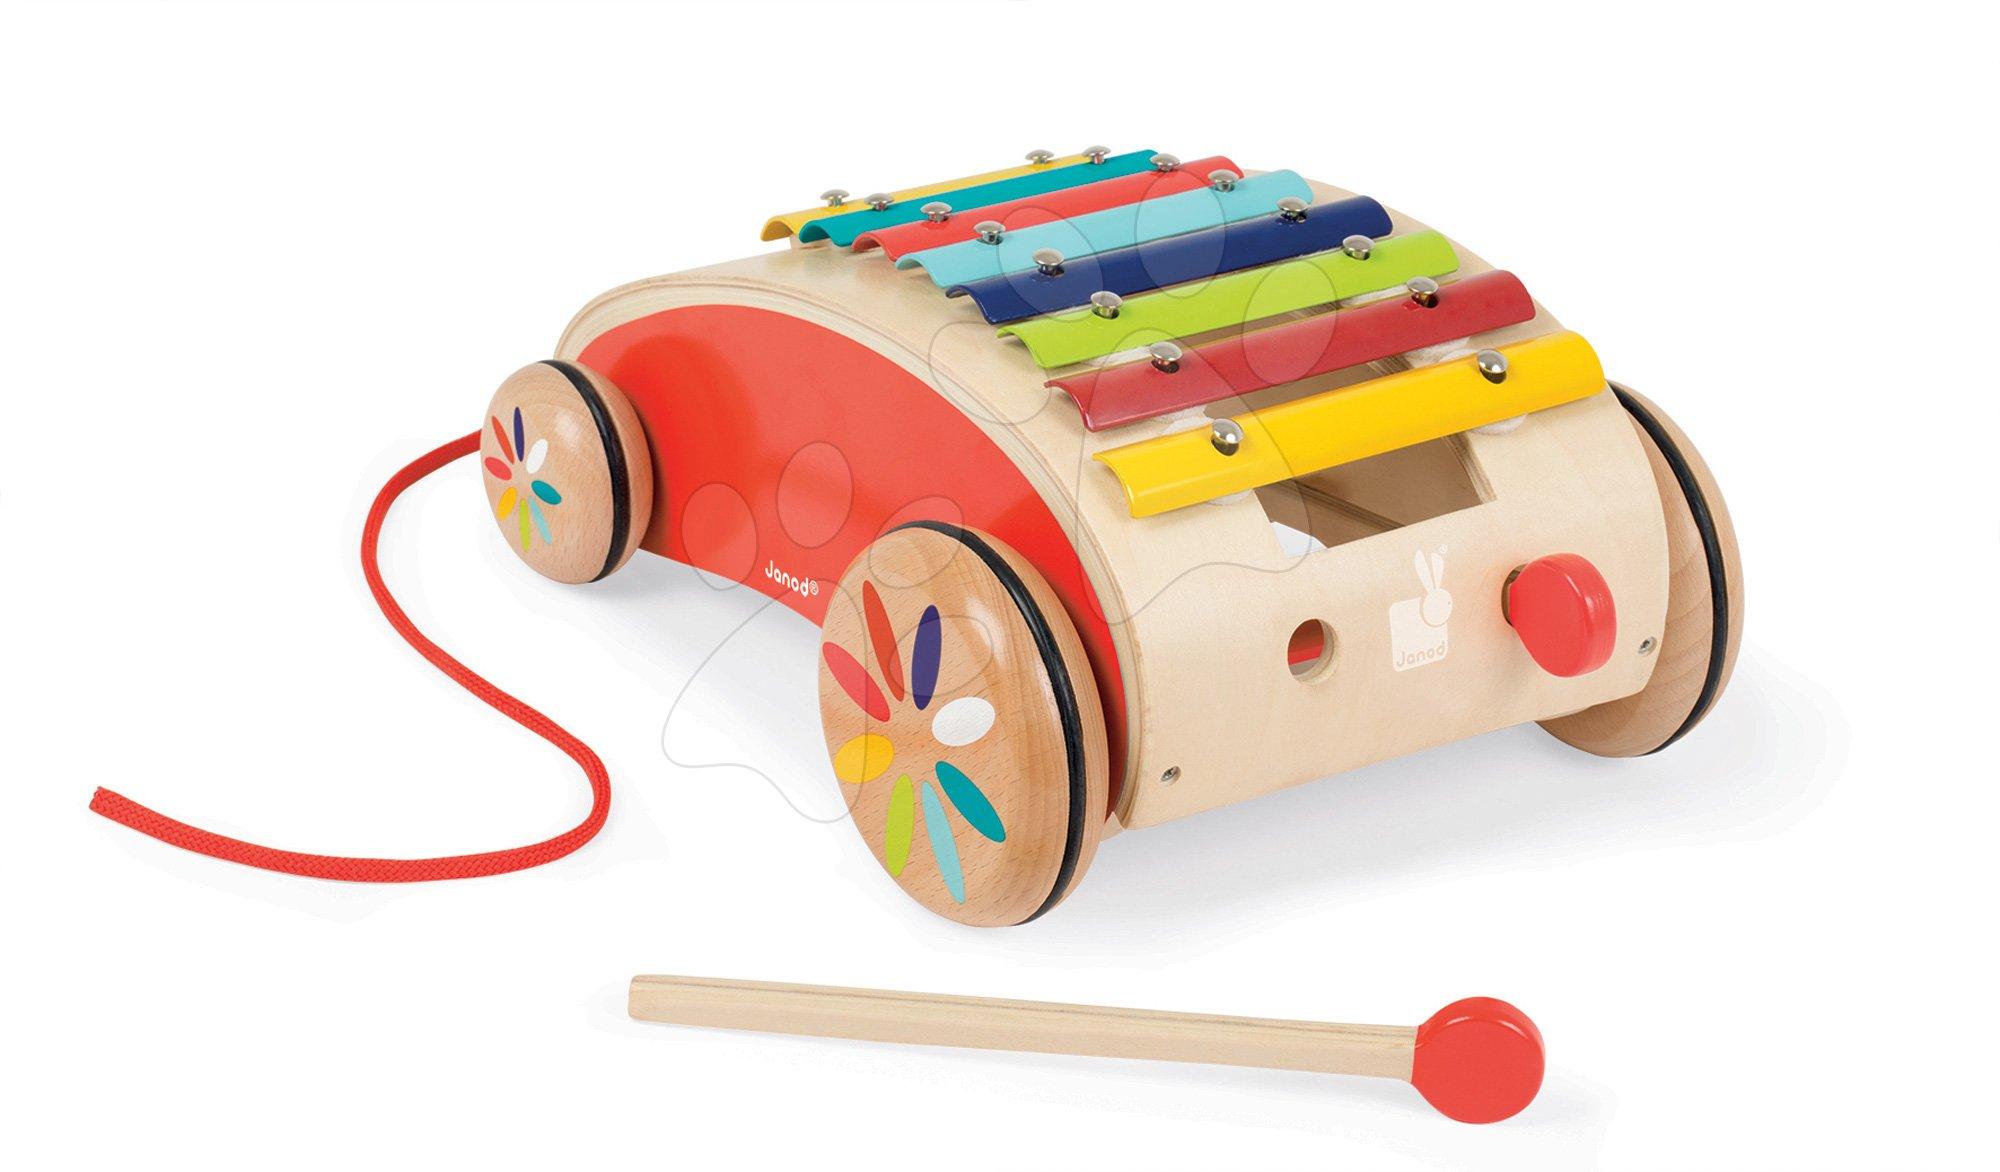 Ťahacie hračky - Drevený vozík s xylofónom Red Tatoo Janod na ťahanie od 18 mes